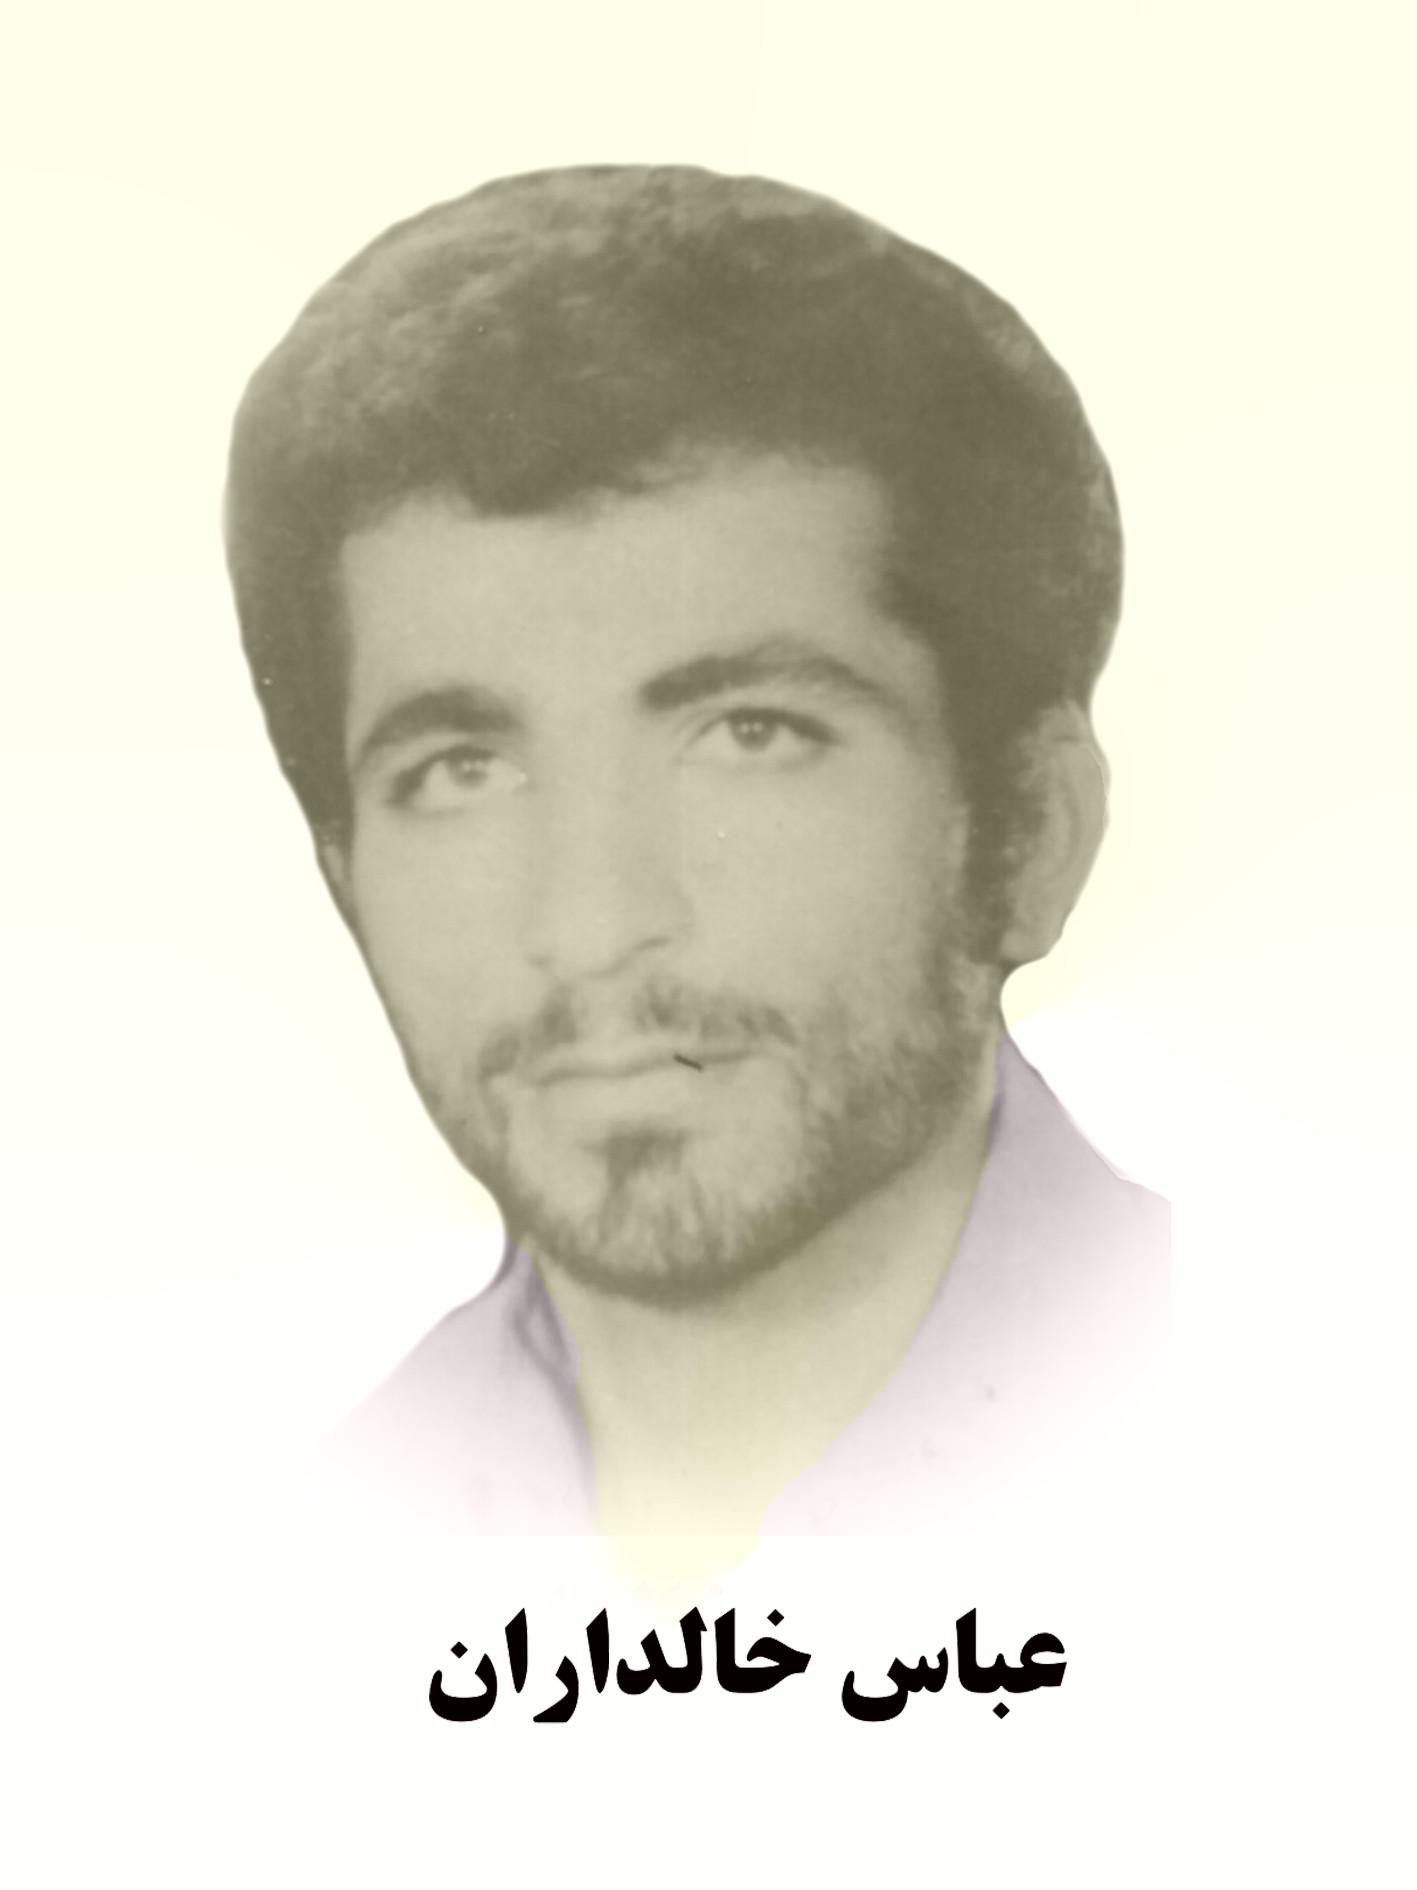 شهید عباس خالداران ( امین نیا )